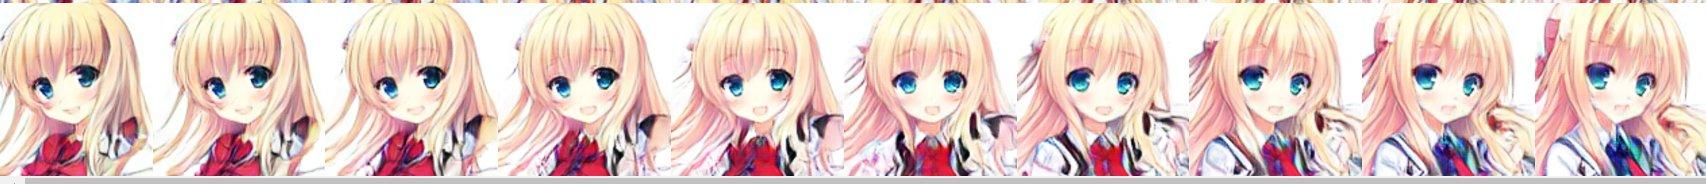 Make girls moe - AIs make anime girls | Page 2